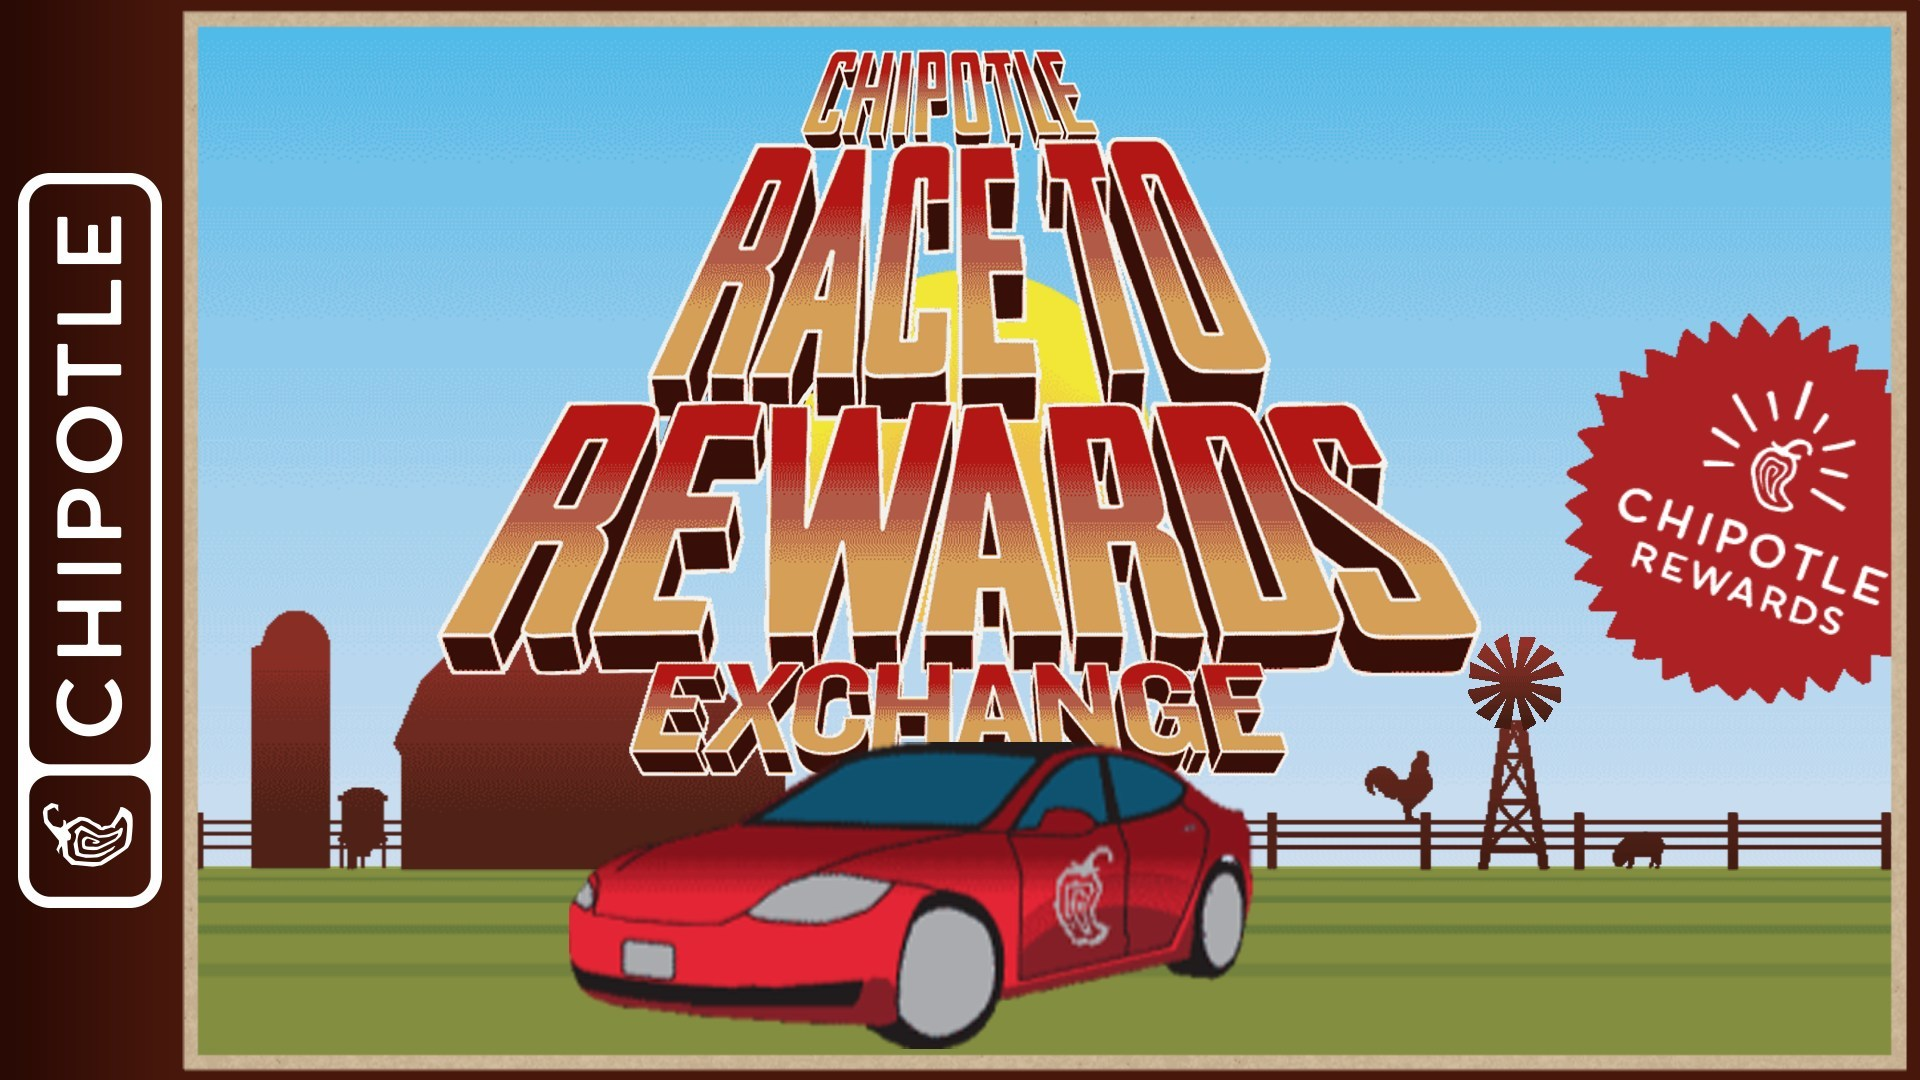 CMG-RaceToRewards-PR-ASSET-HERO